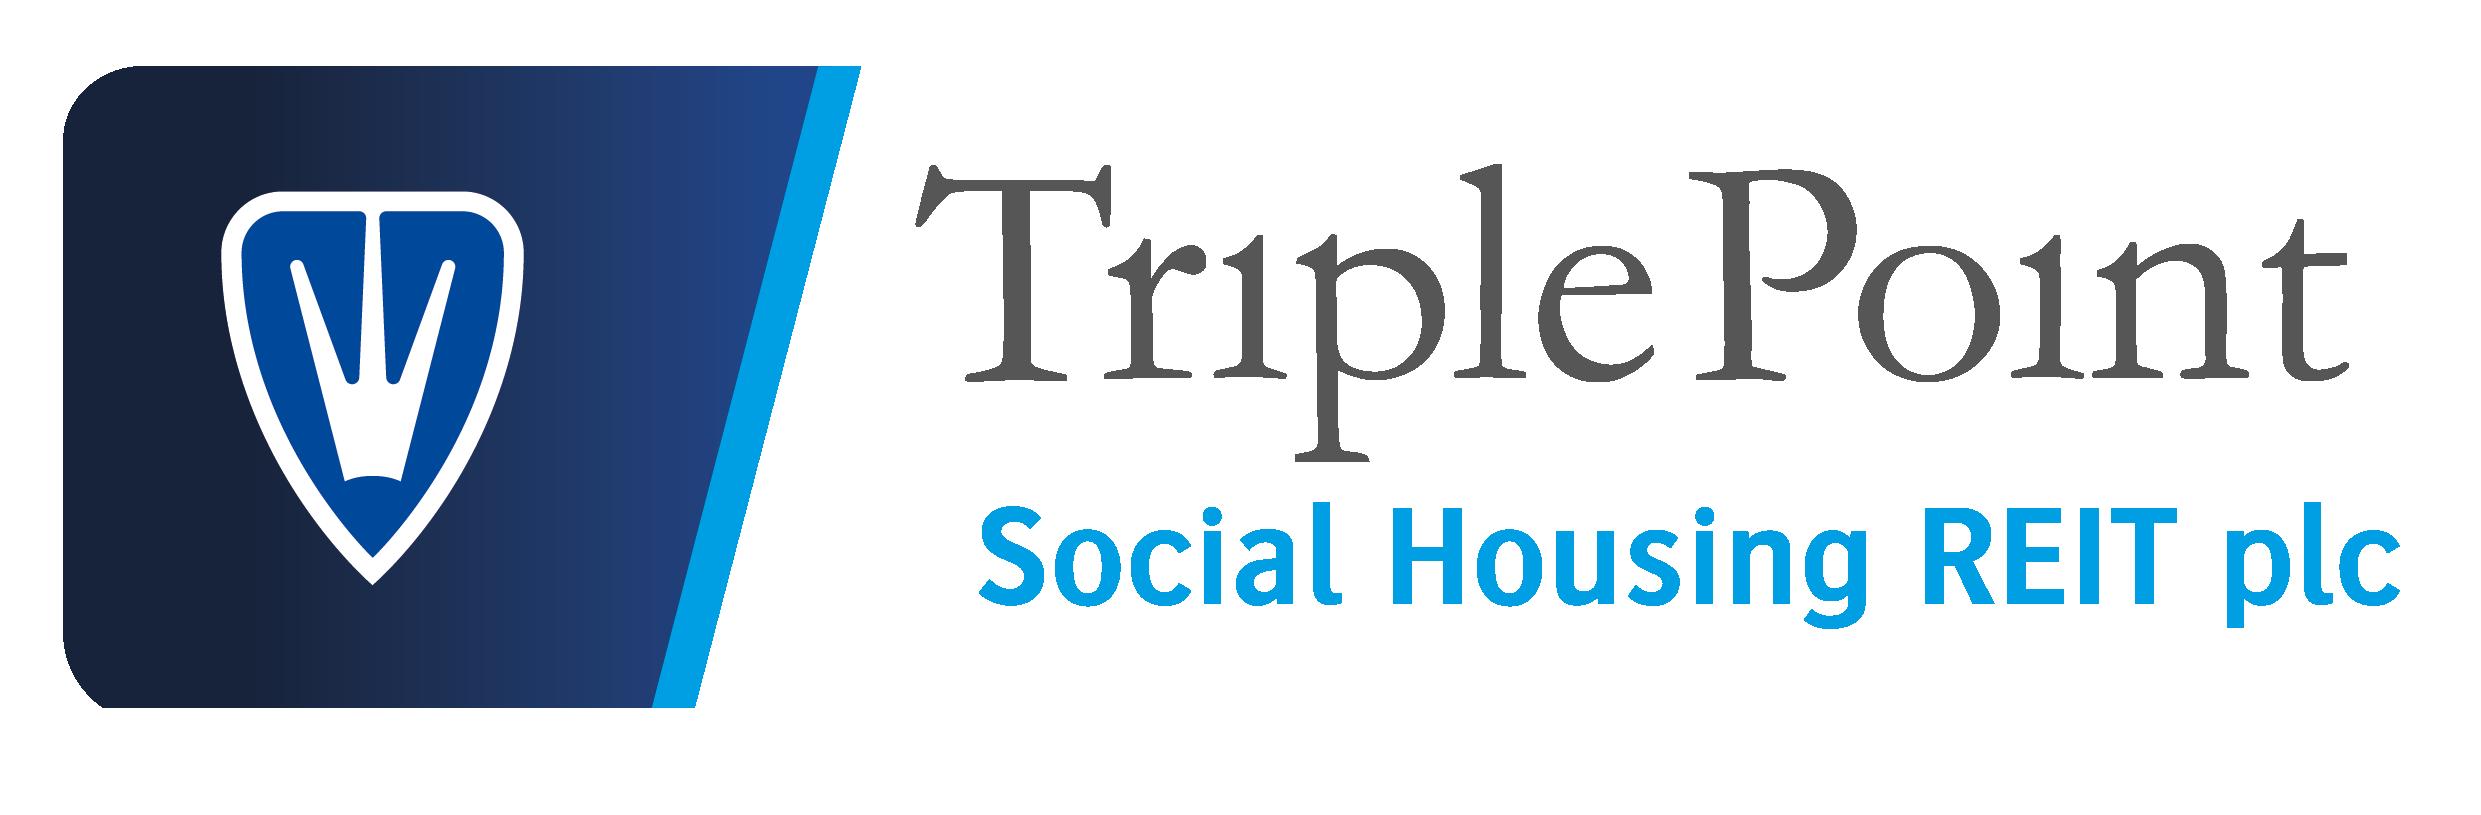 Triple Point Social Housing REIT PLC Logo